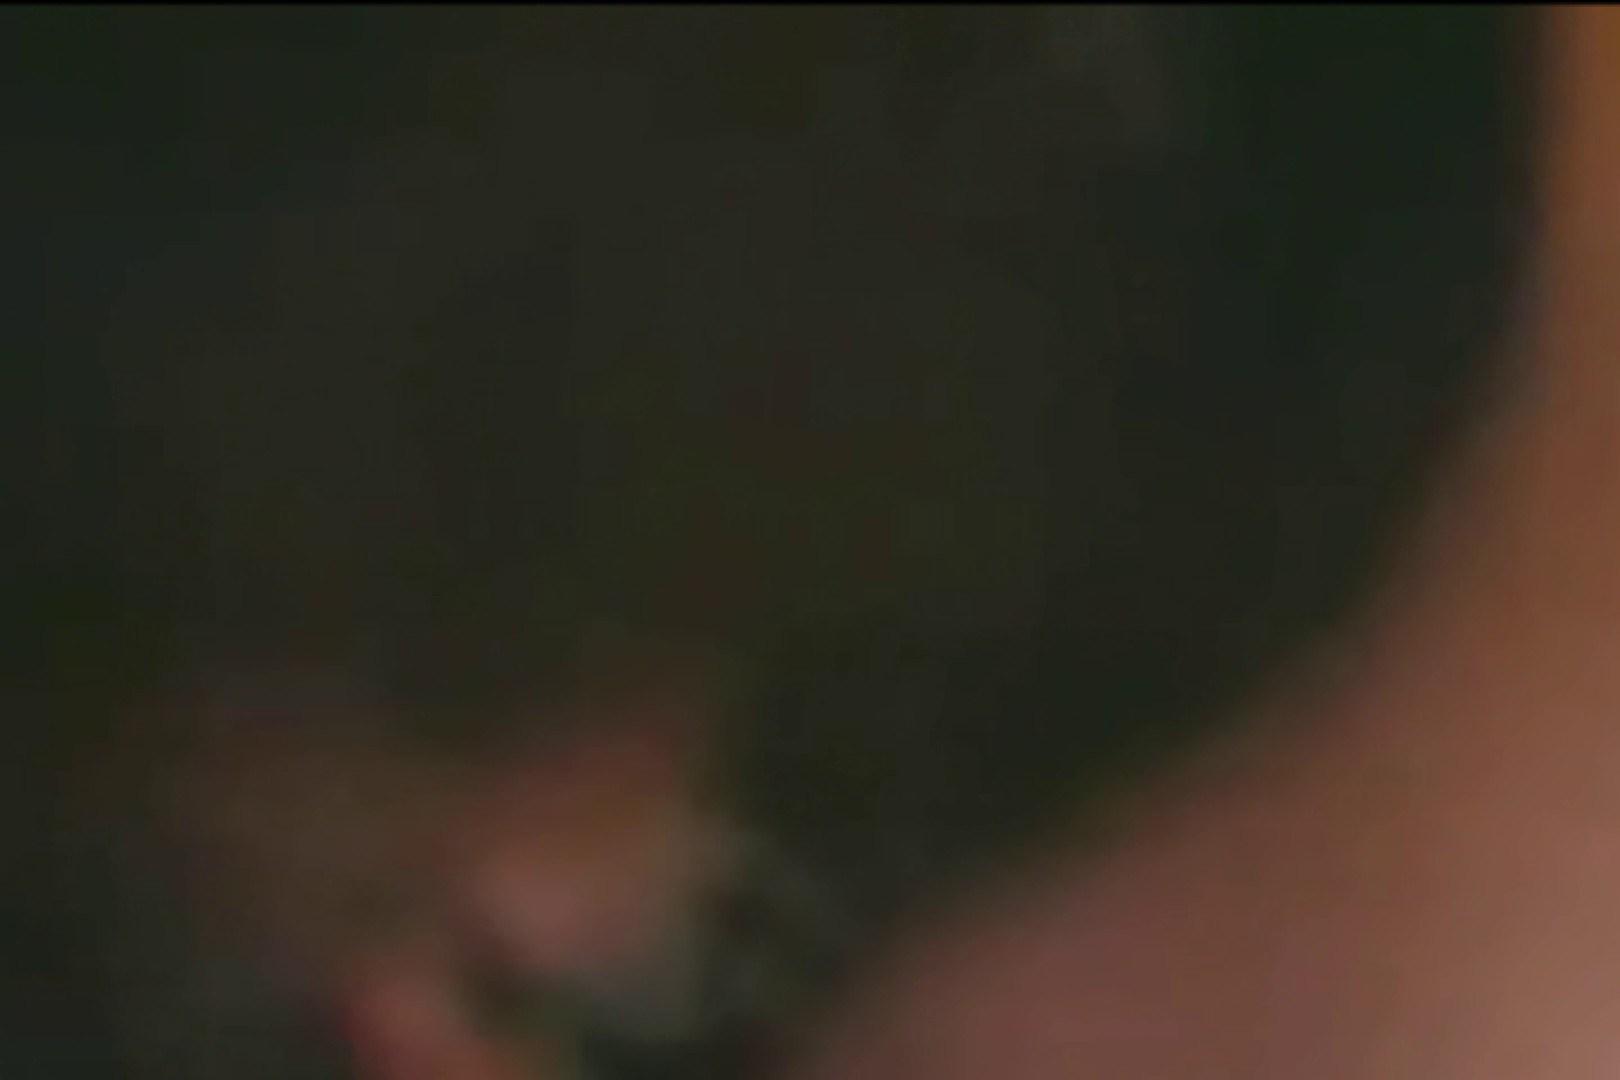 仁義なきキンタマ YAMAMOTOのアルバム フェラチオ特集  66pic 32